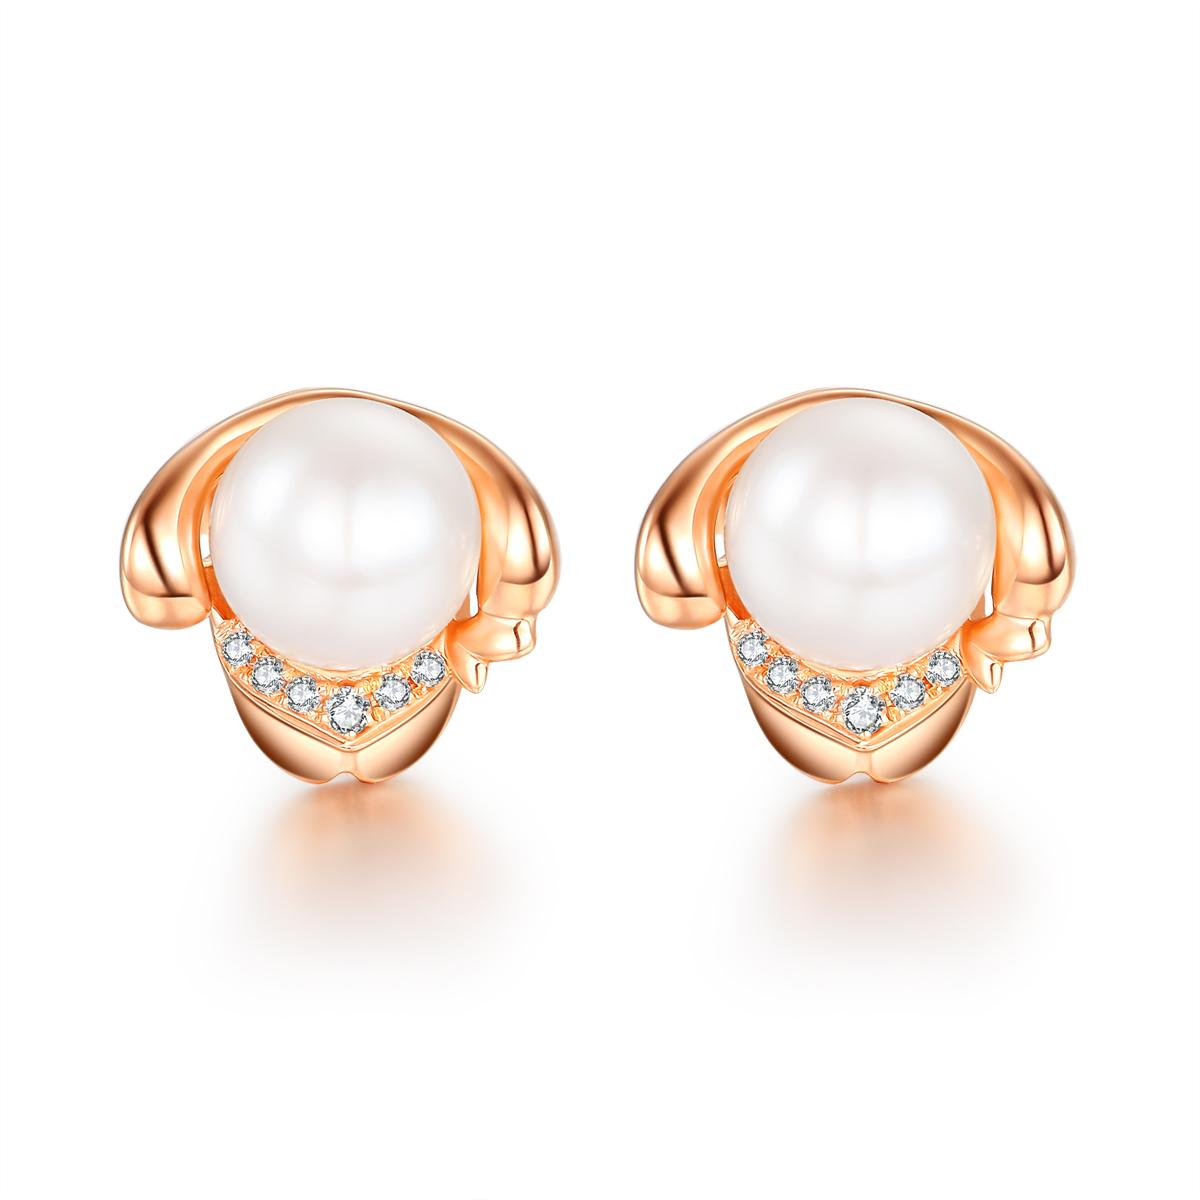 哪里产的海水珍珠最好,你知道吗?